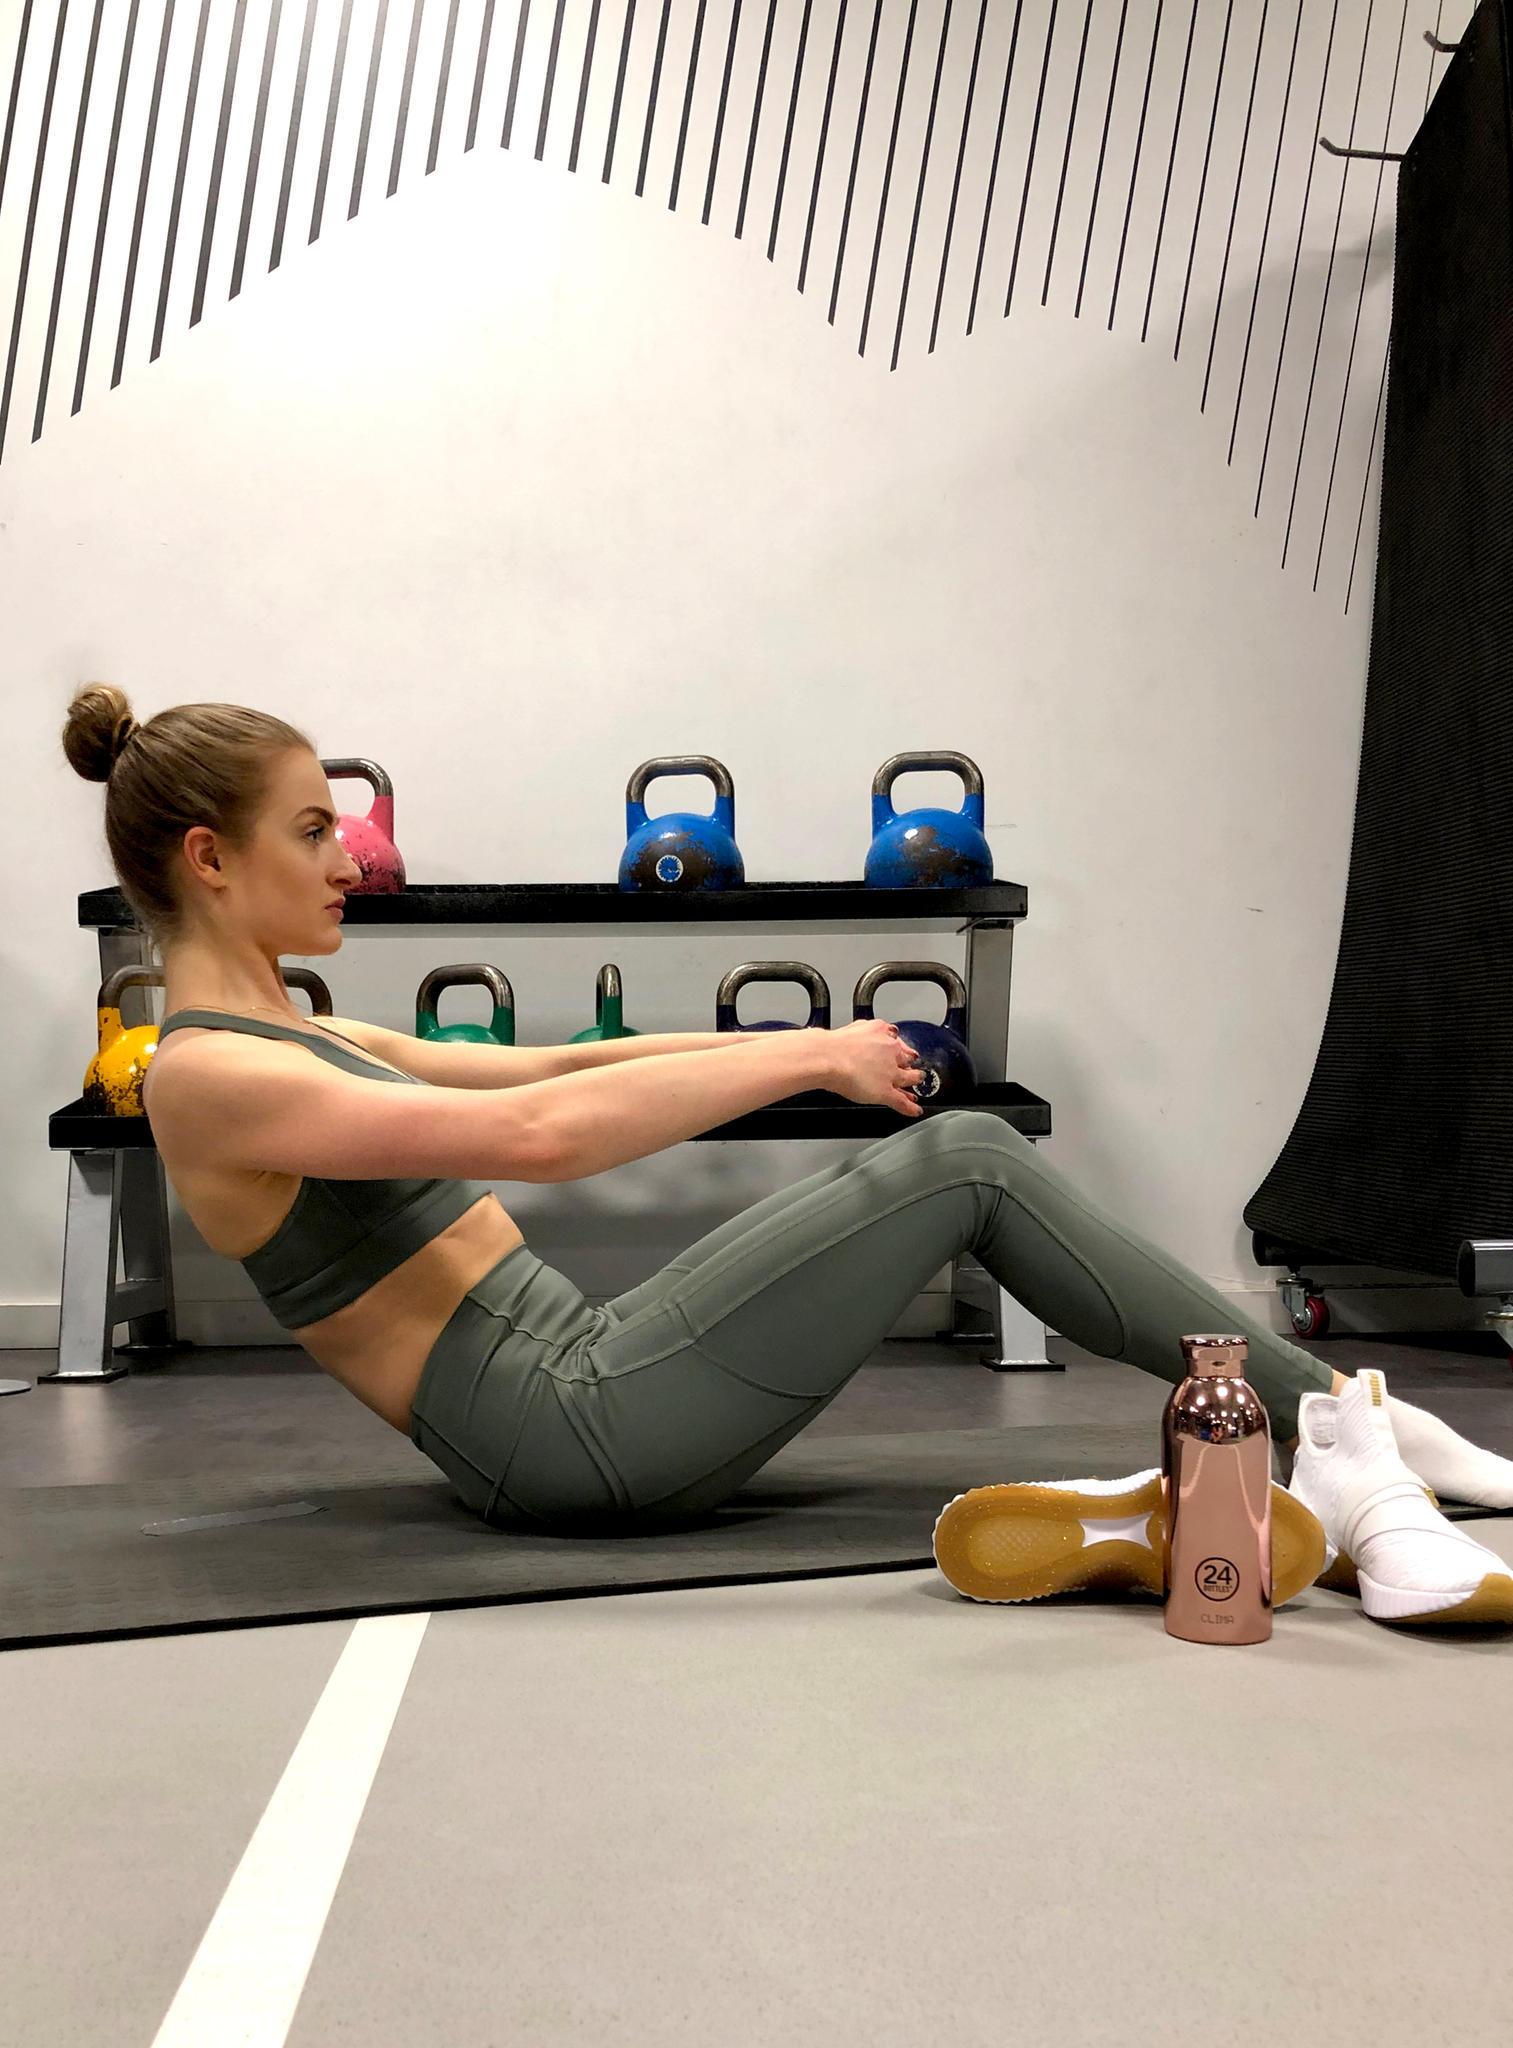 Für den Bauch muss Tabea Sit-Ups à la Ballerina machen. Heißt: Die Arme sind in der ersten Position, die Zehenspitzen schön gestreckt, der Oberkörper schön aufrecht.  Bei ihrem Training motiviert sie ihr Set von lululemon. Ein besonders gutes Gefühl gibt ihr dabei die Tights, die schön hoch sitzt und durch Nähte passgenau anliegt.